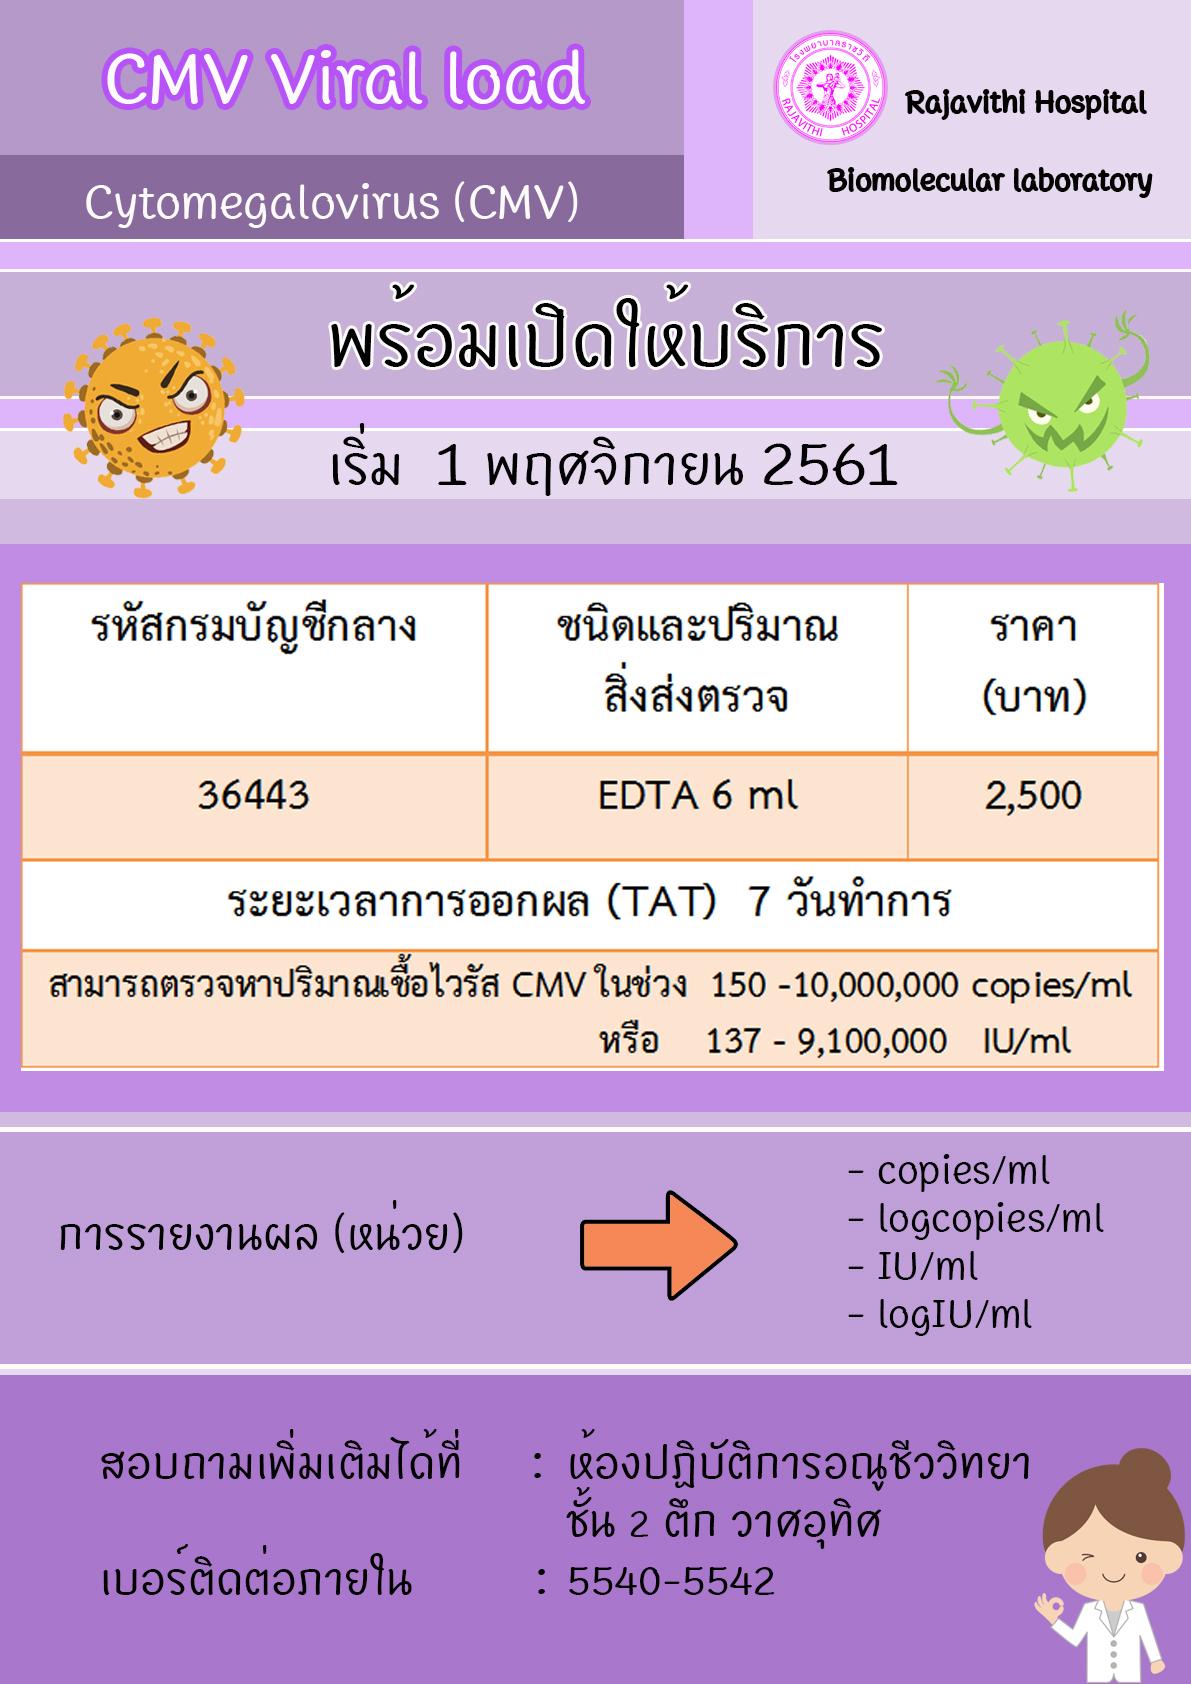 d96b1357-56a1-4003-8906-5bd0b61163be